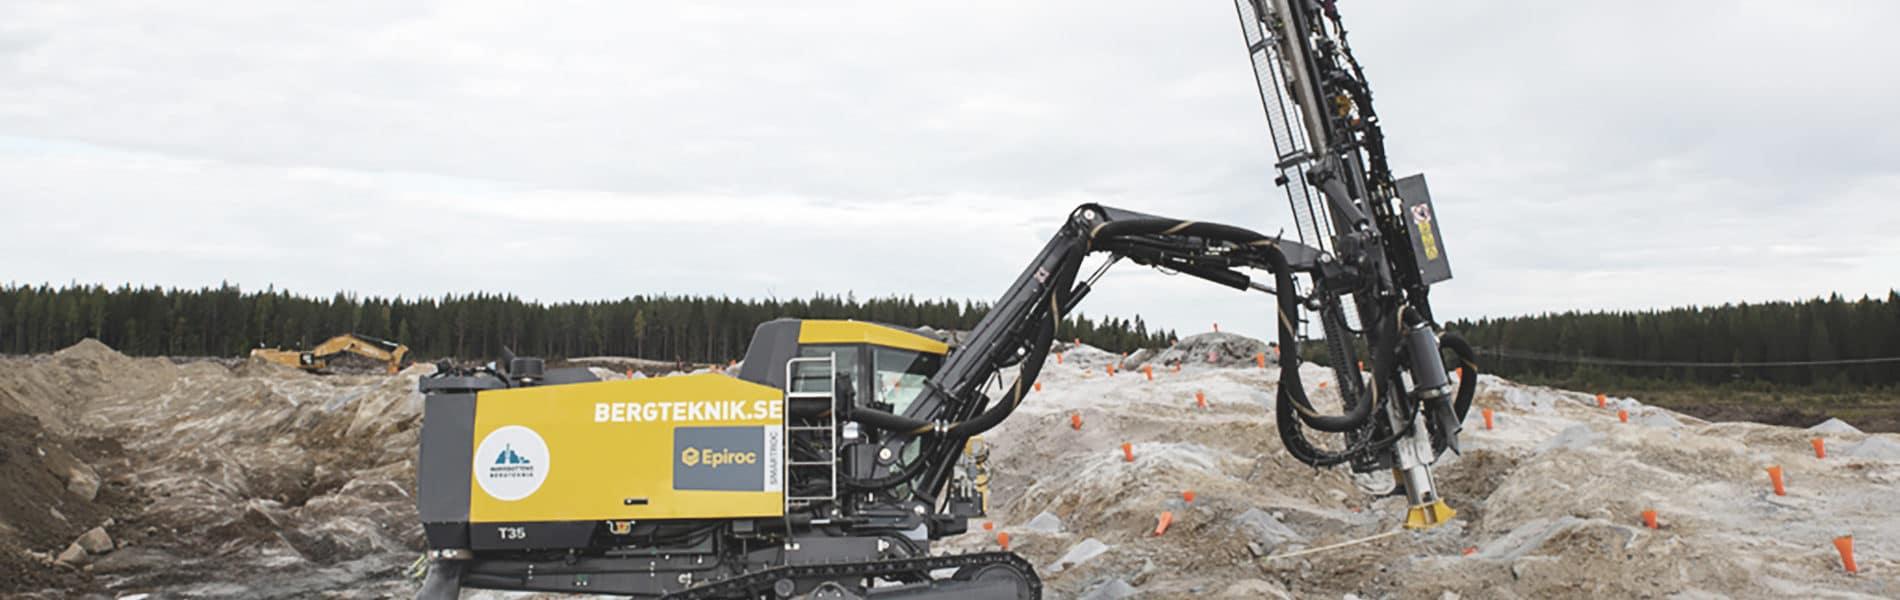 nytt affärssystem för Norrbottens Bergteknik